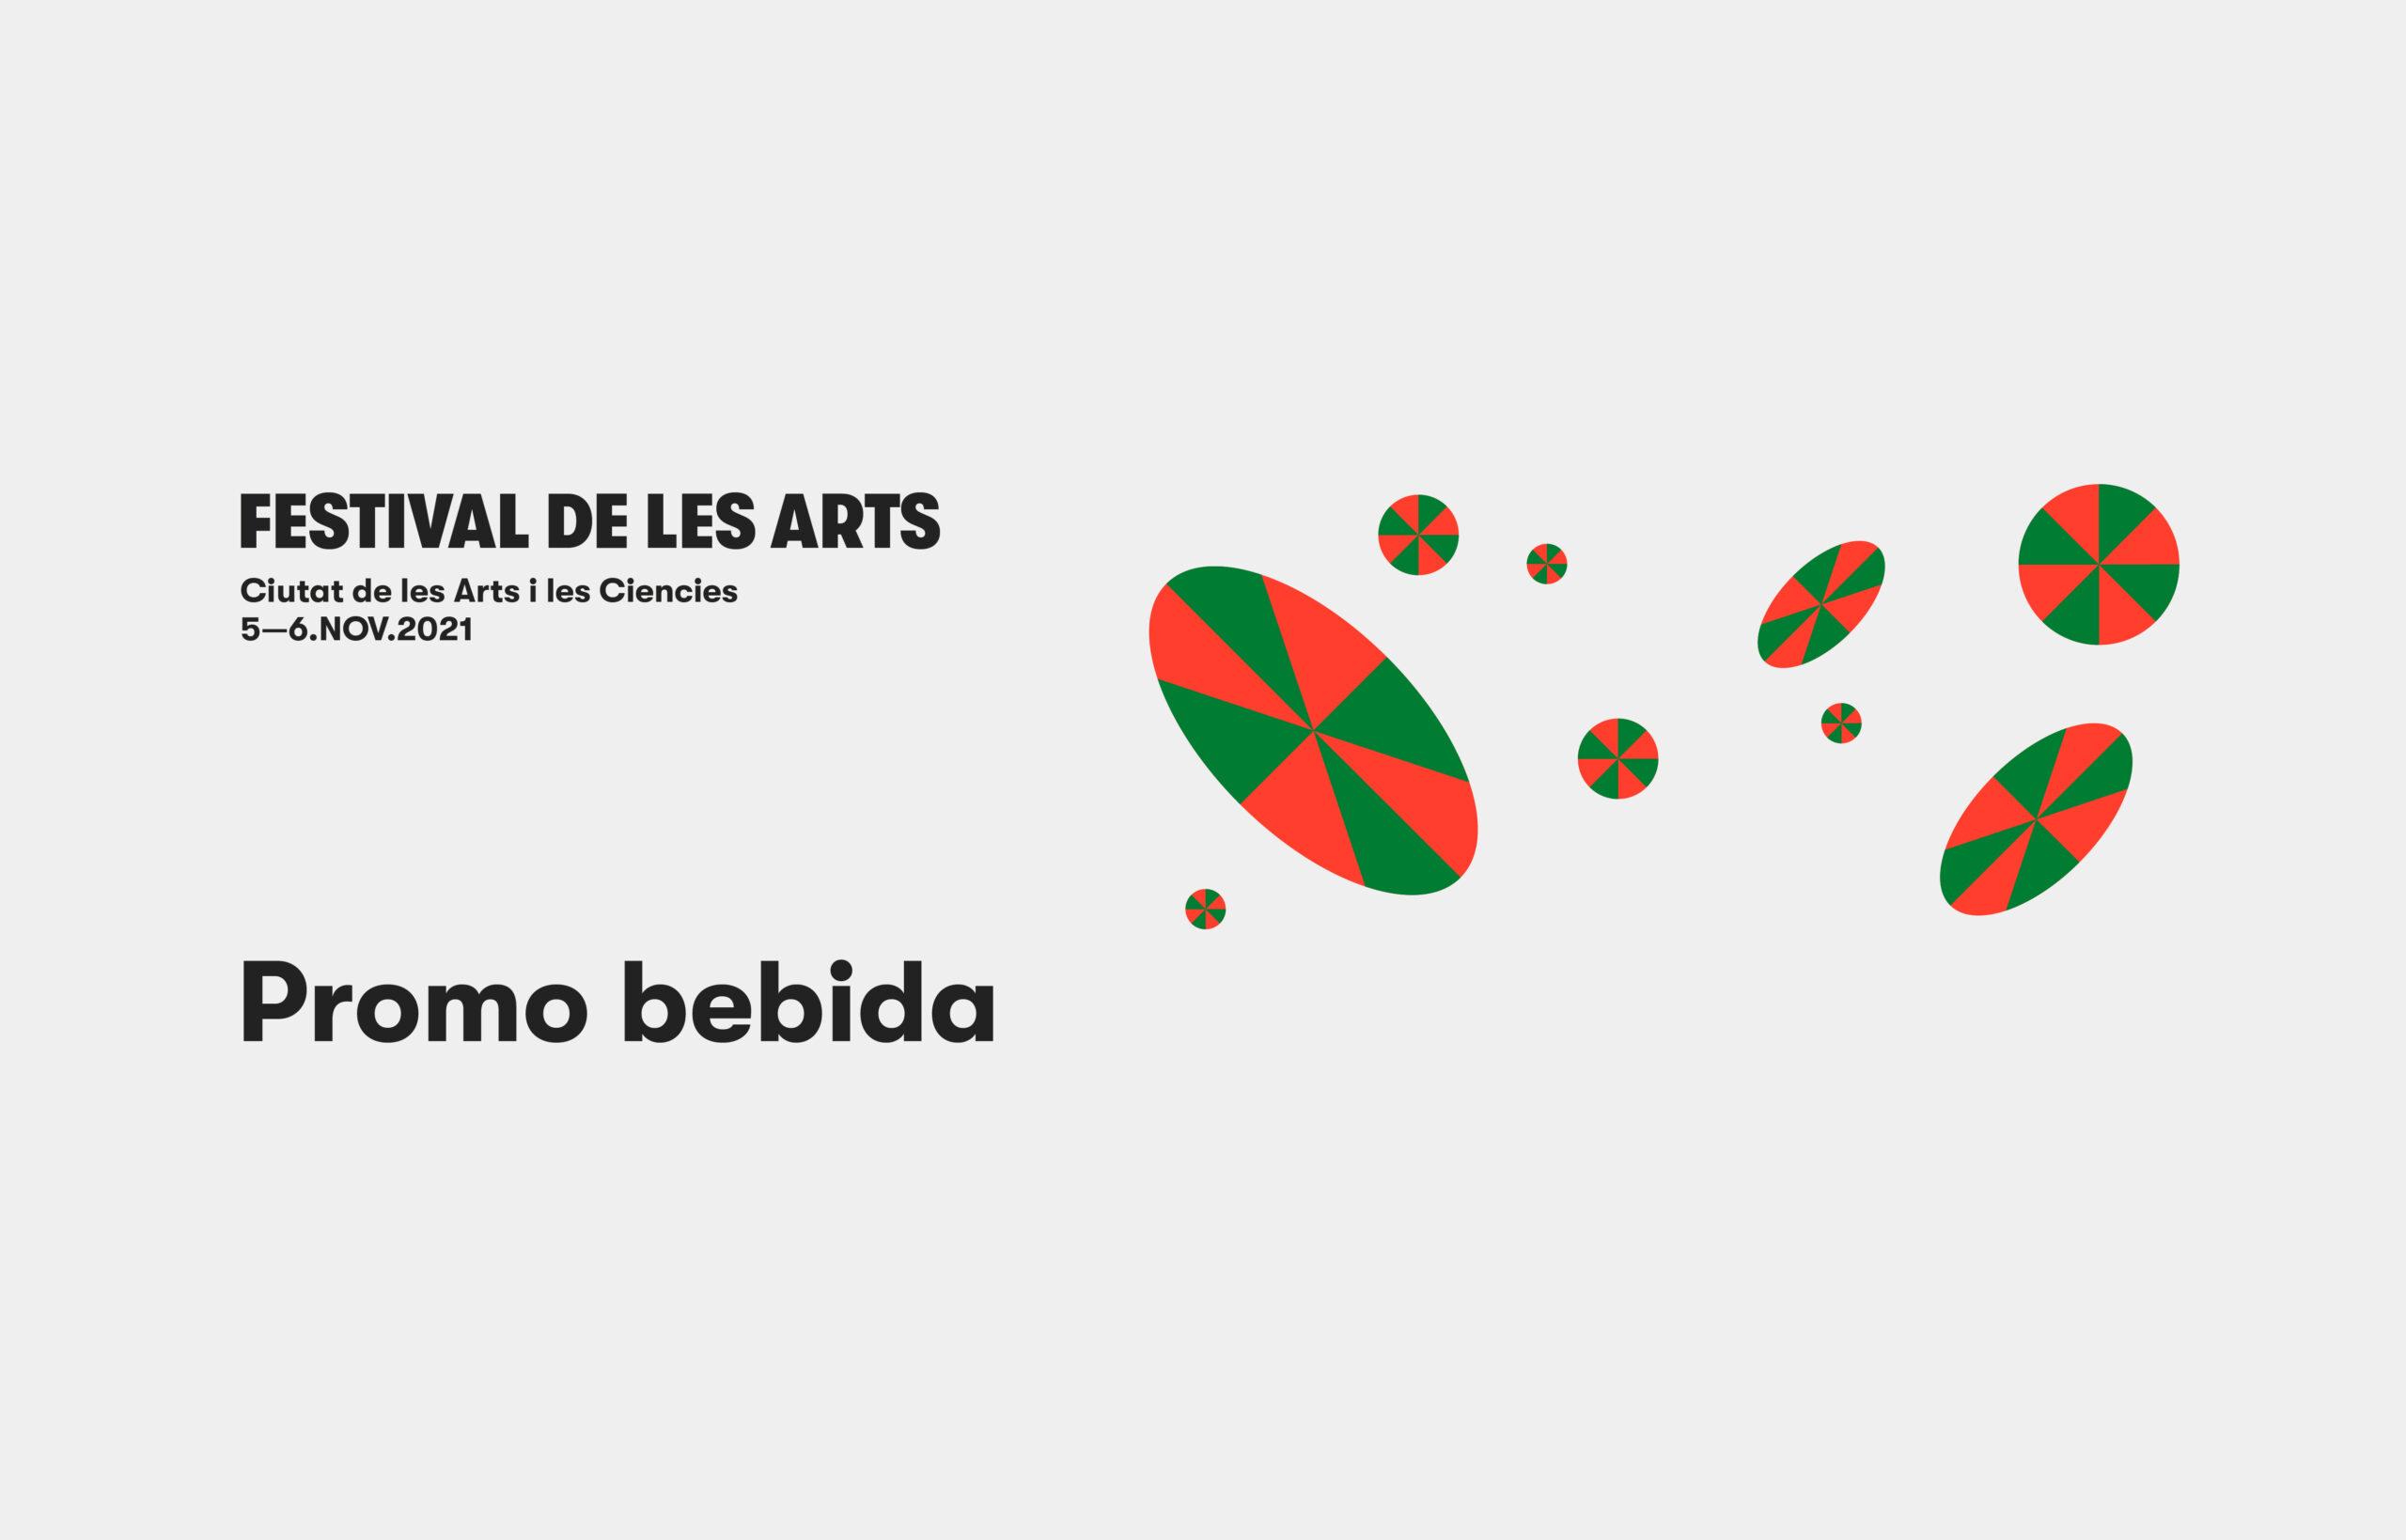 promo bebida festival de les arts 2021 16317271282785609